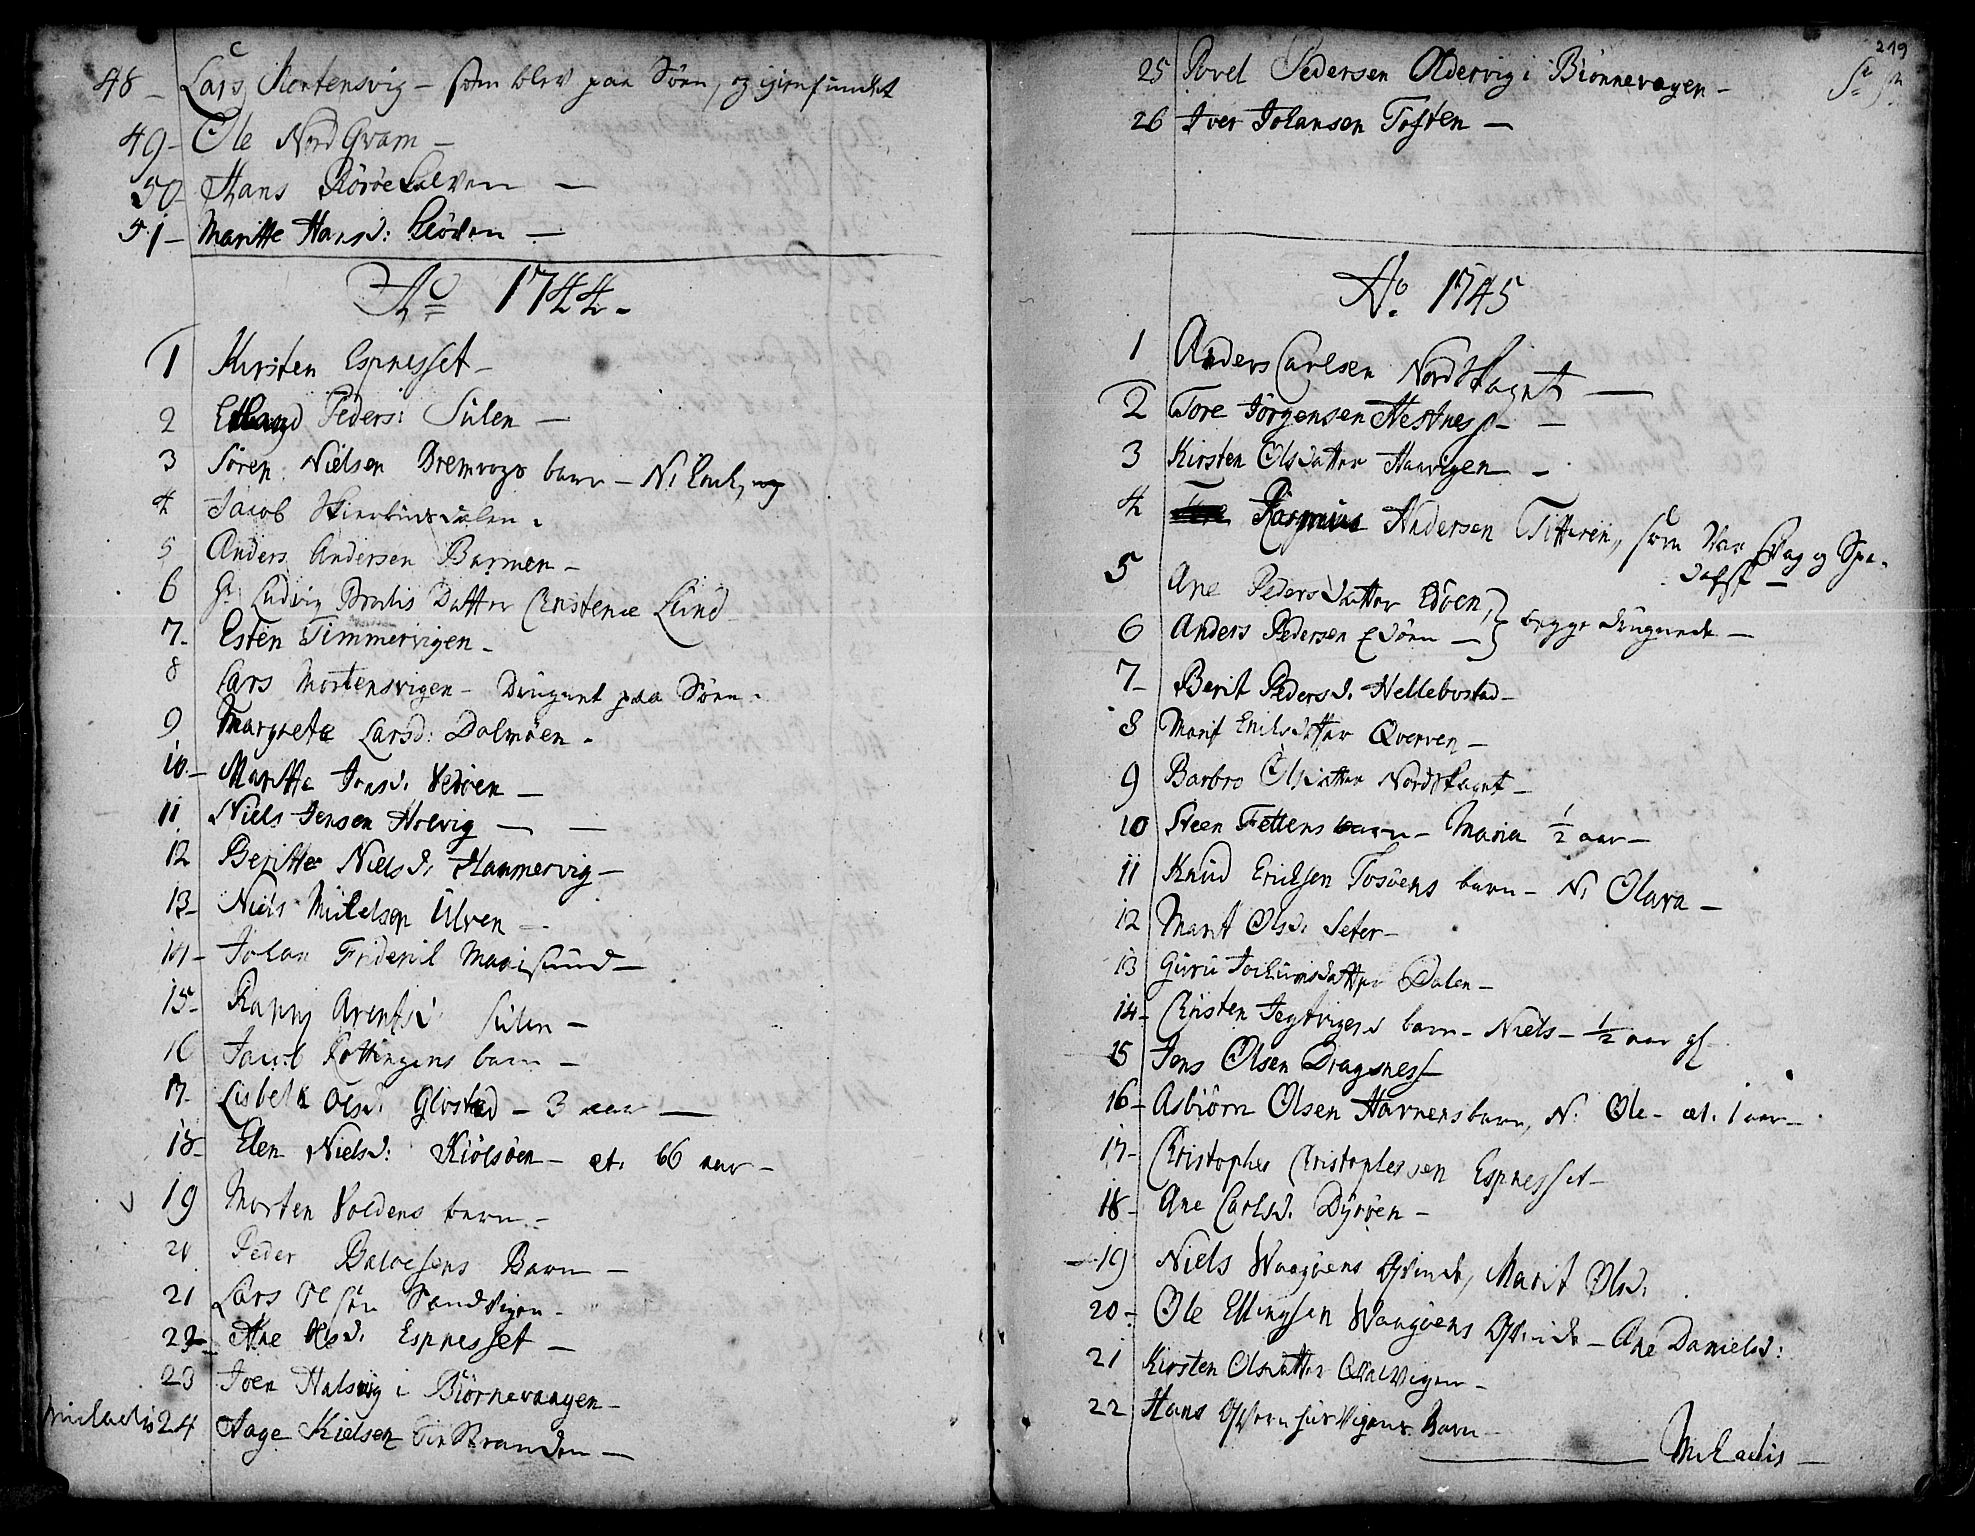 SAT, Ministerialprotokoller, klokkerbøker og fødselsregistre - Sør-Trøndelag, 634/L0525: Ministerialbok nr. 634A01, 1736-1775, s. 219